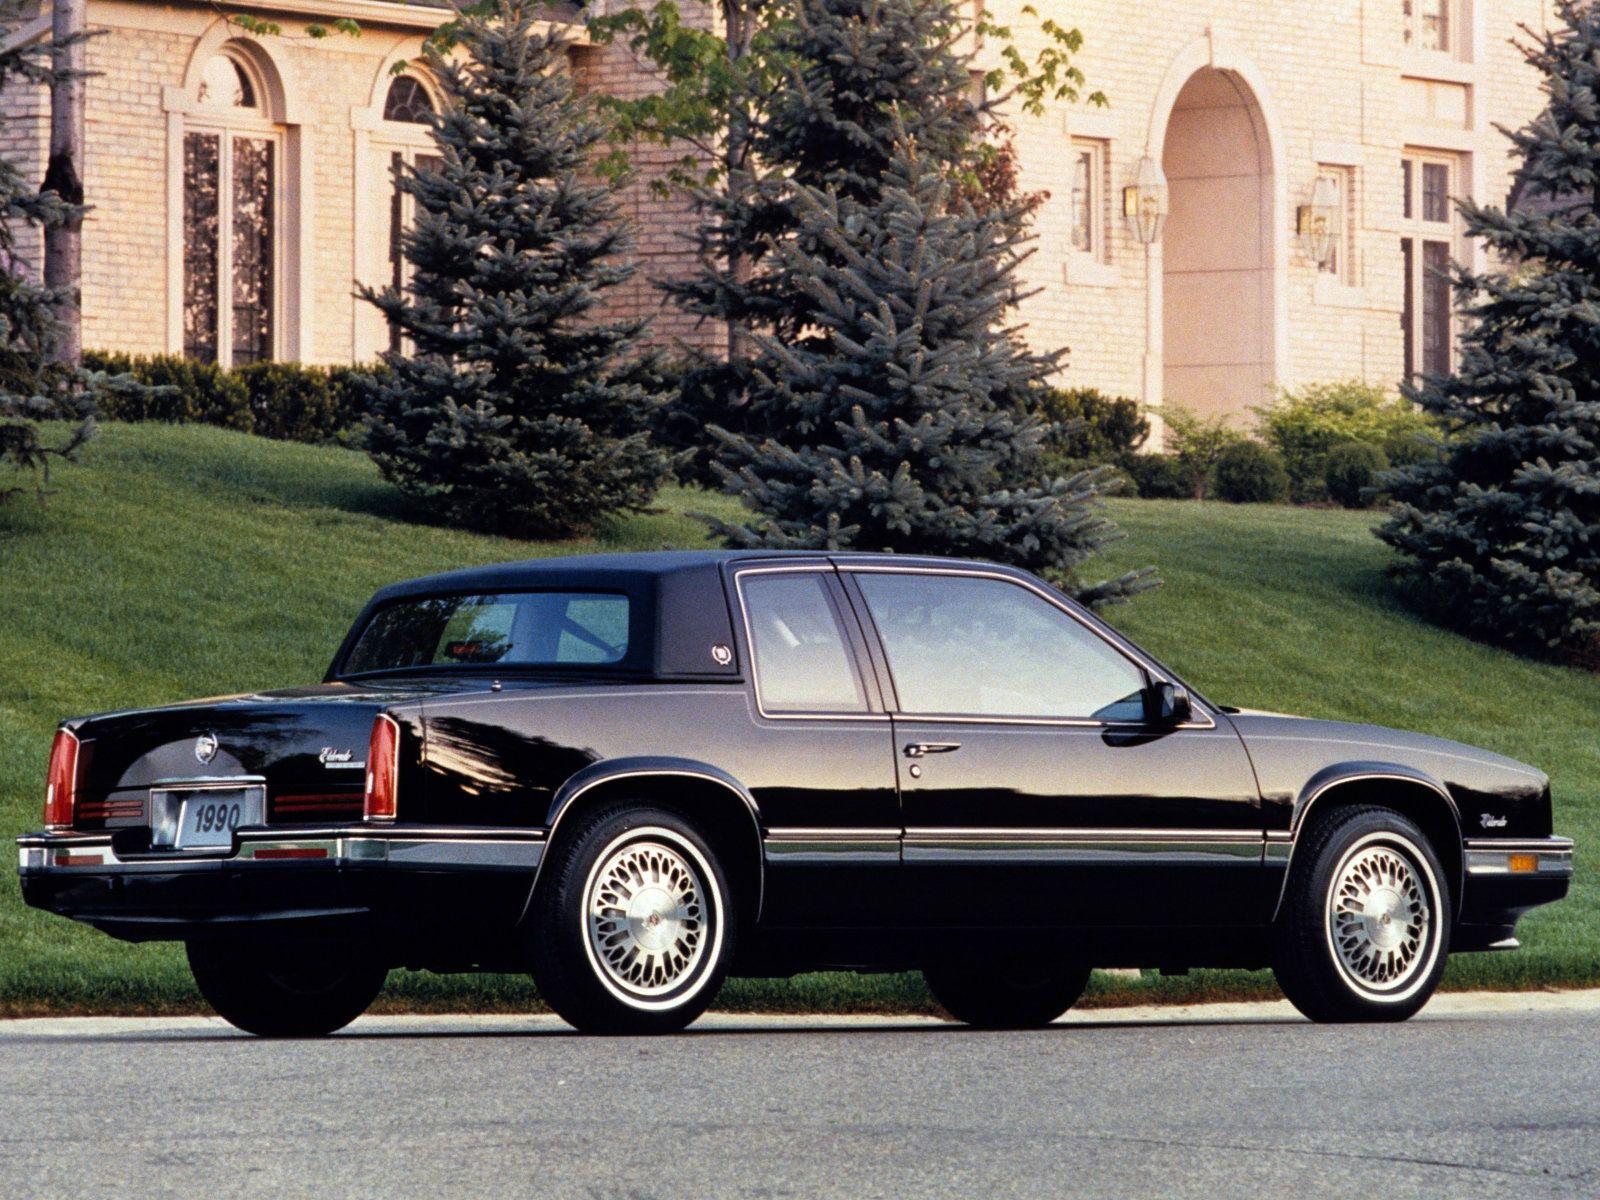 1986 Cadillac Eldorado #Cadillac @cadillac